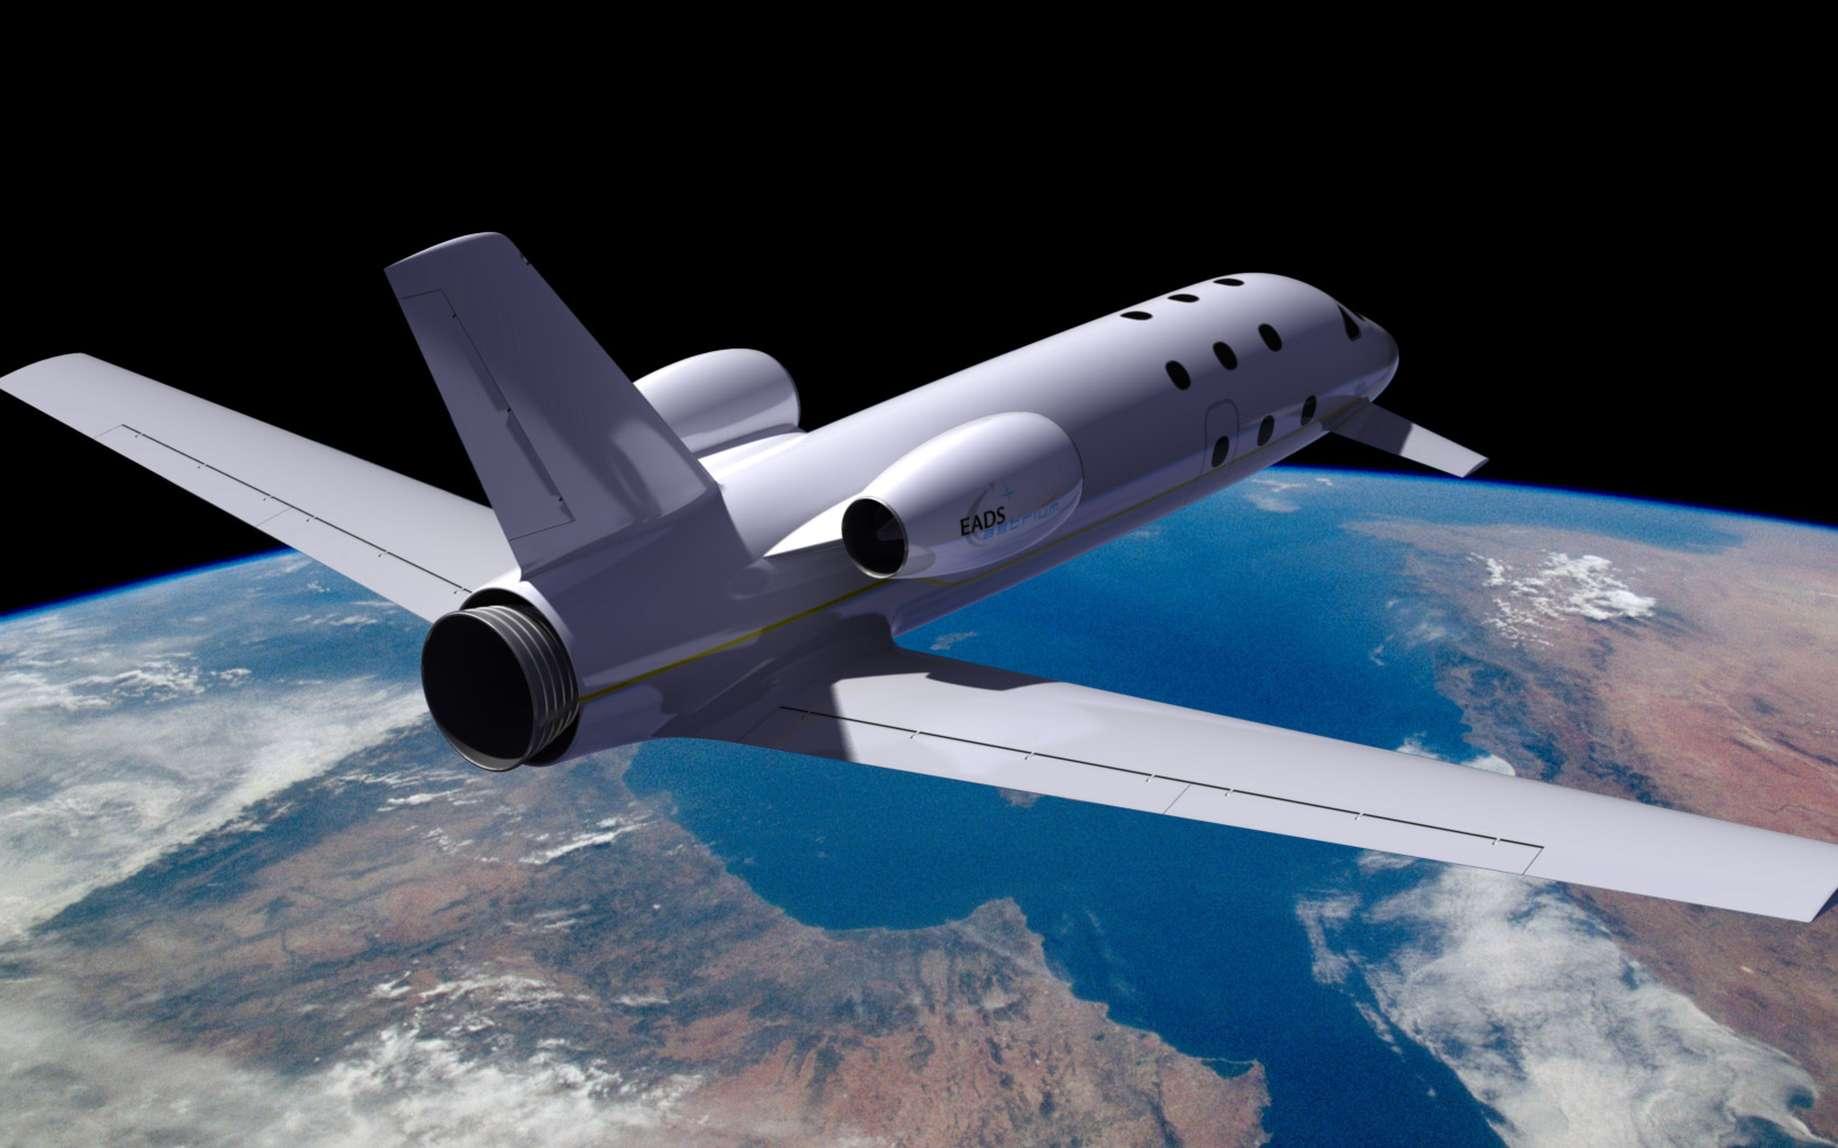 L'avion spatial d'Astrium ressemble à un jet d'affaires traditionnel à la différence qu'il sera équipé d'un moteur fusée fonctionnant avec un mélange d'oxygène liquide et de méthane. Il sera conçu pour les vols atteignant une altitude de plus de 100 km qui marque, par convention, la frontière entre la Terre et l'espace. © Astrium/image MasterImage/2008